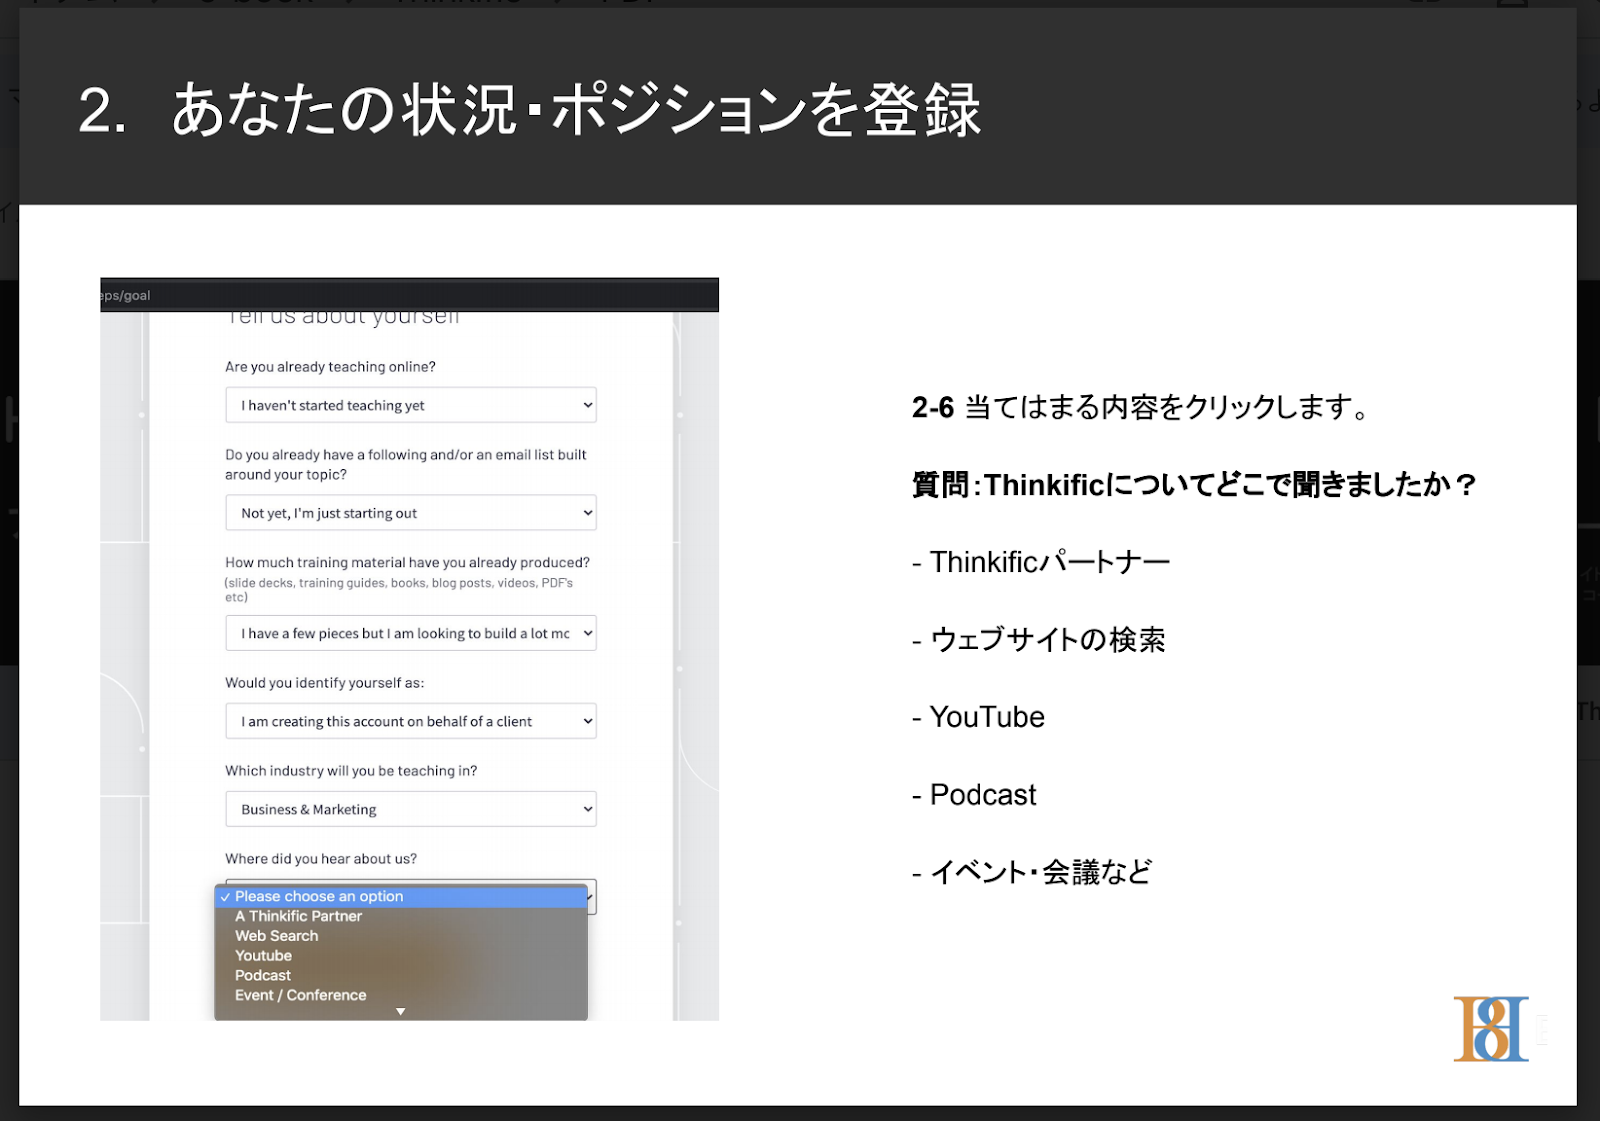 Thinific 日本語解説ガイド8